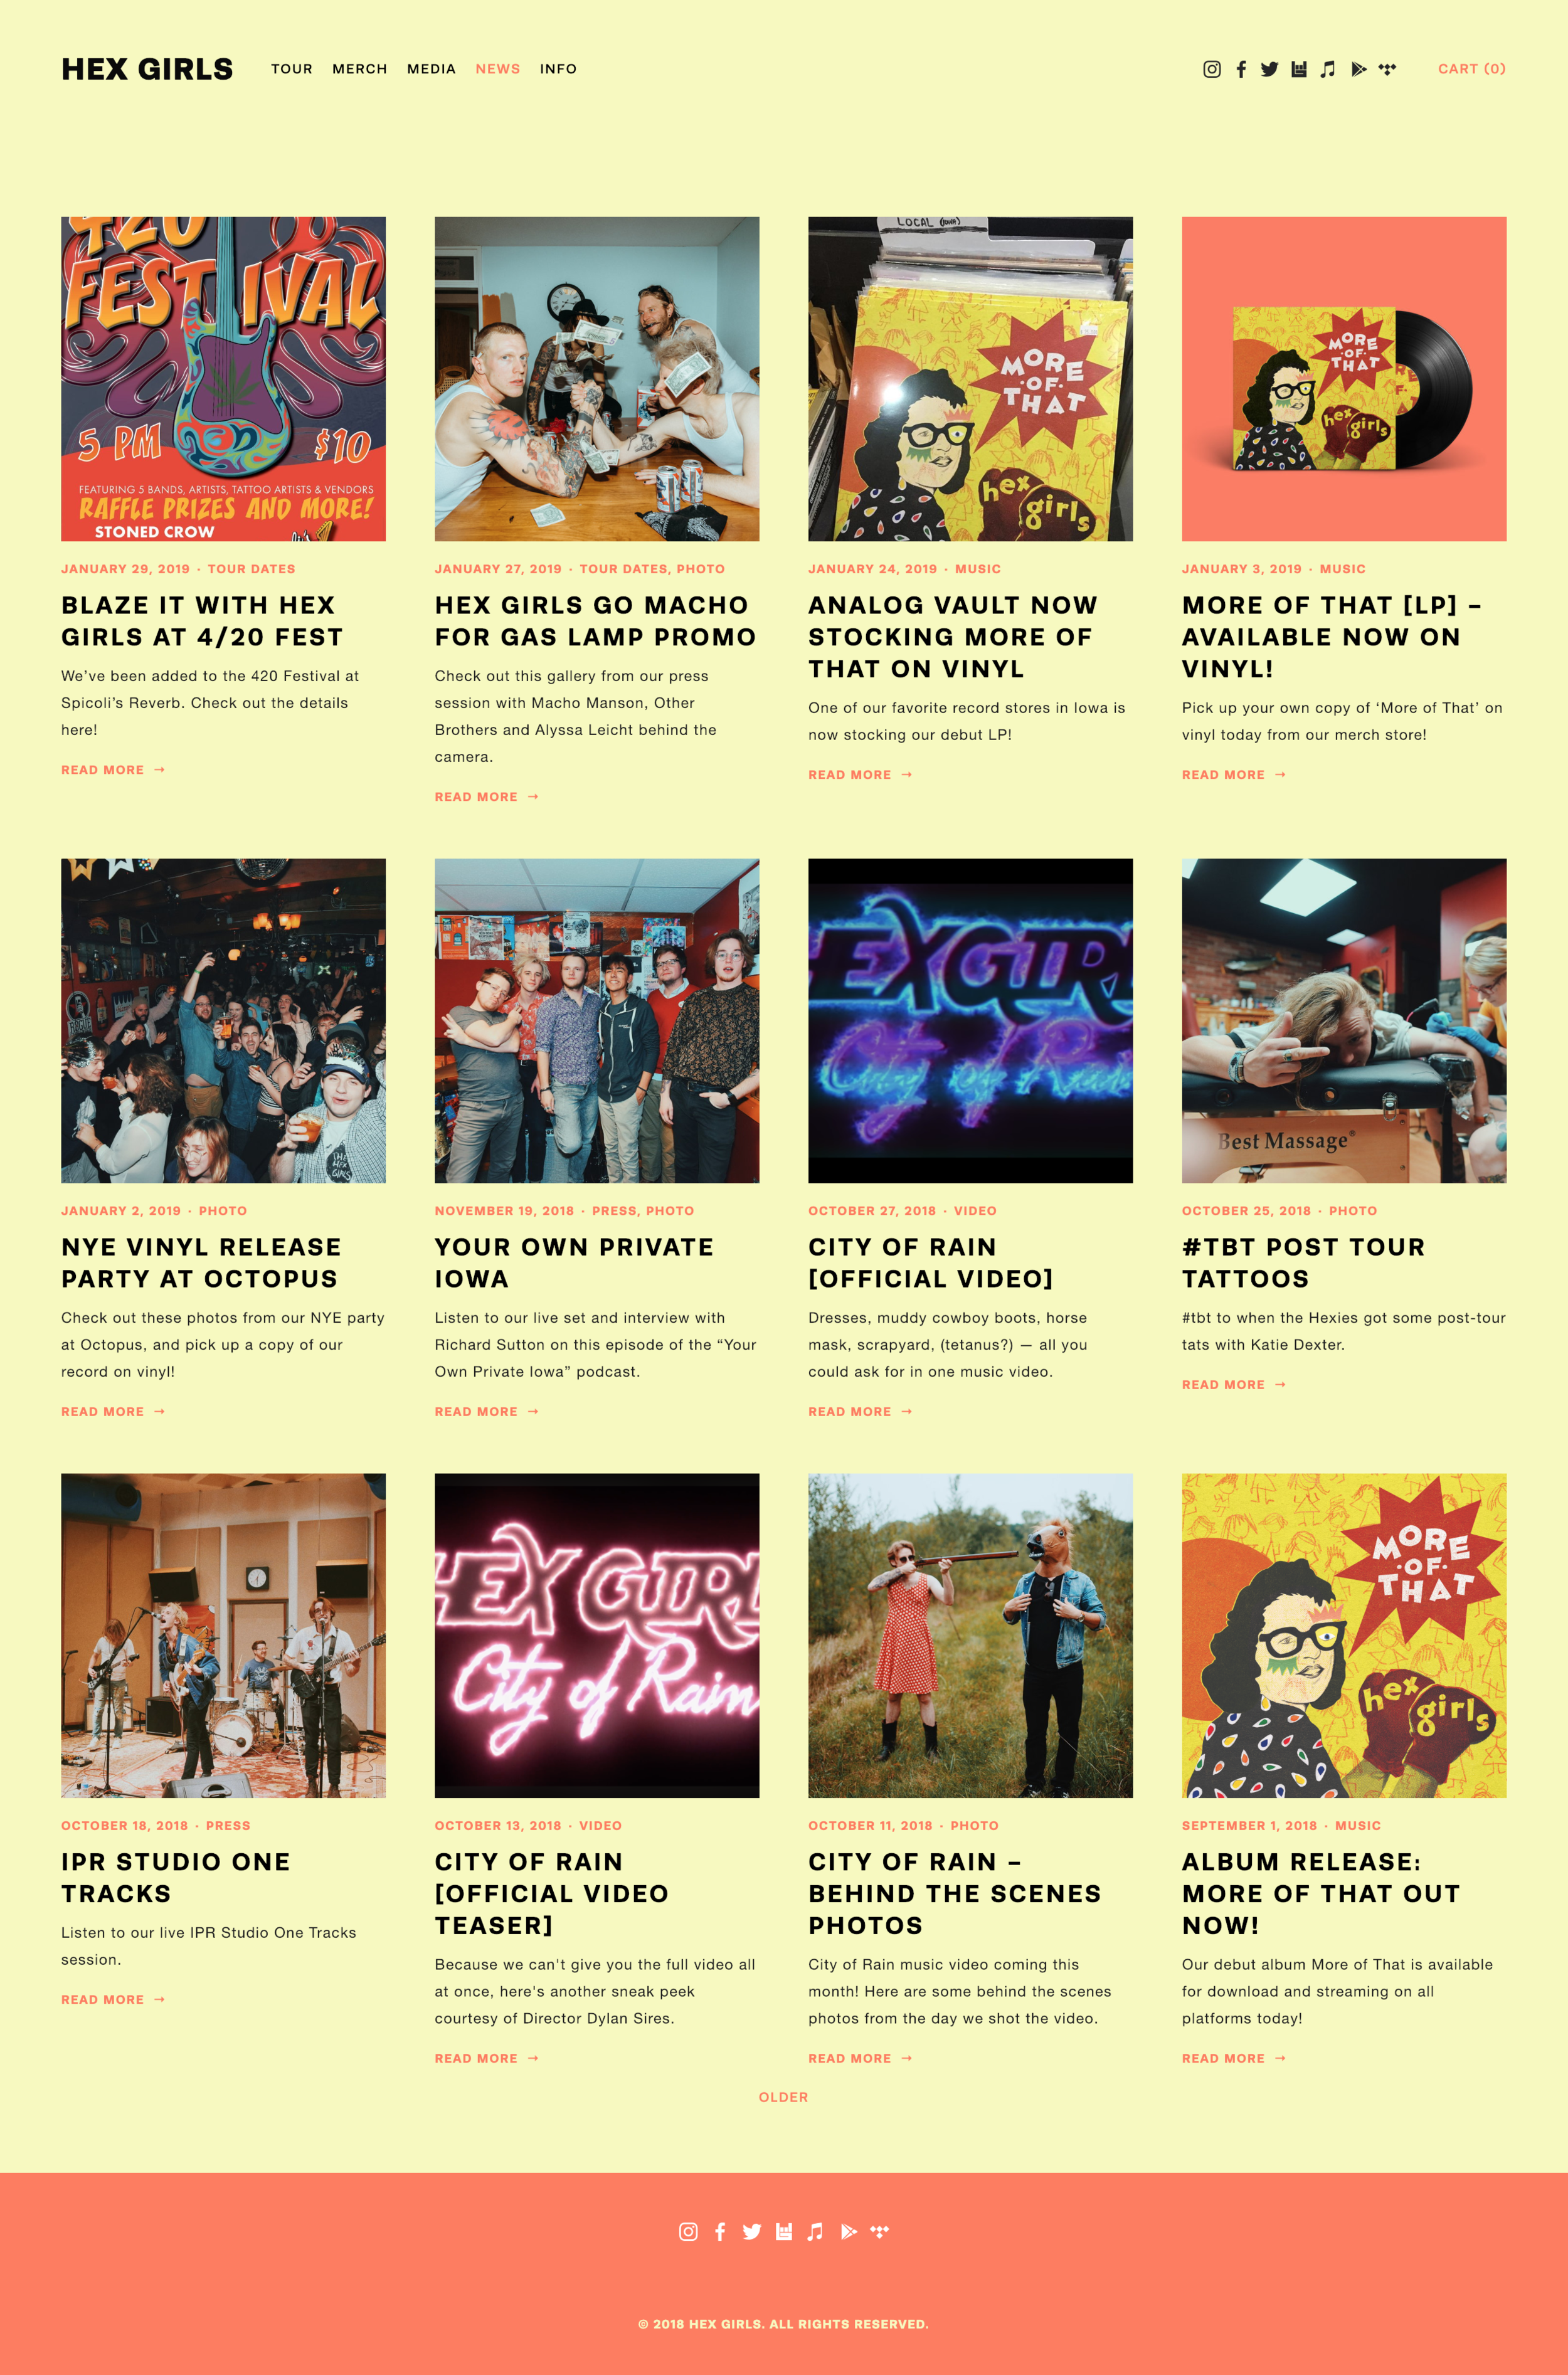 Hex Girls website blog page - Designed by Alyssa Leicht